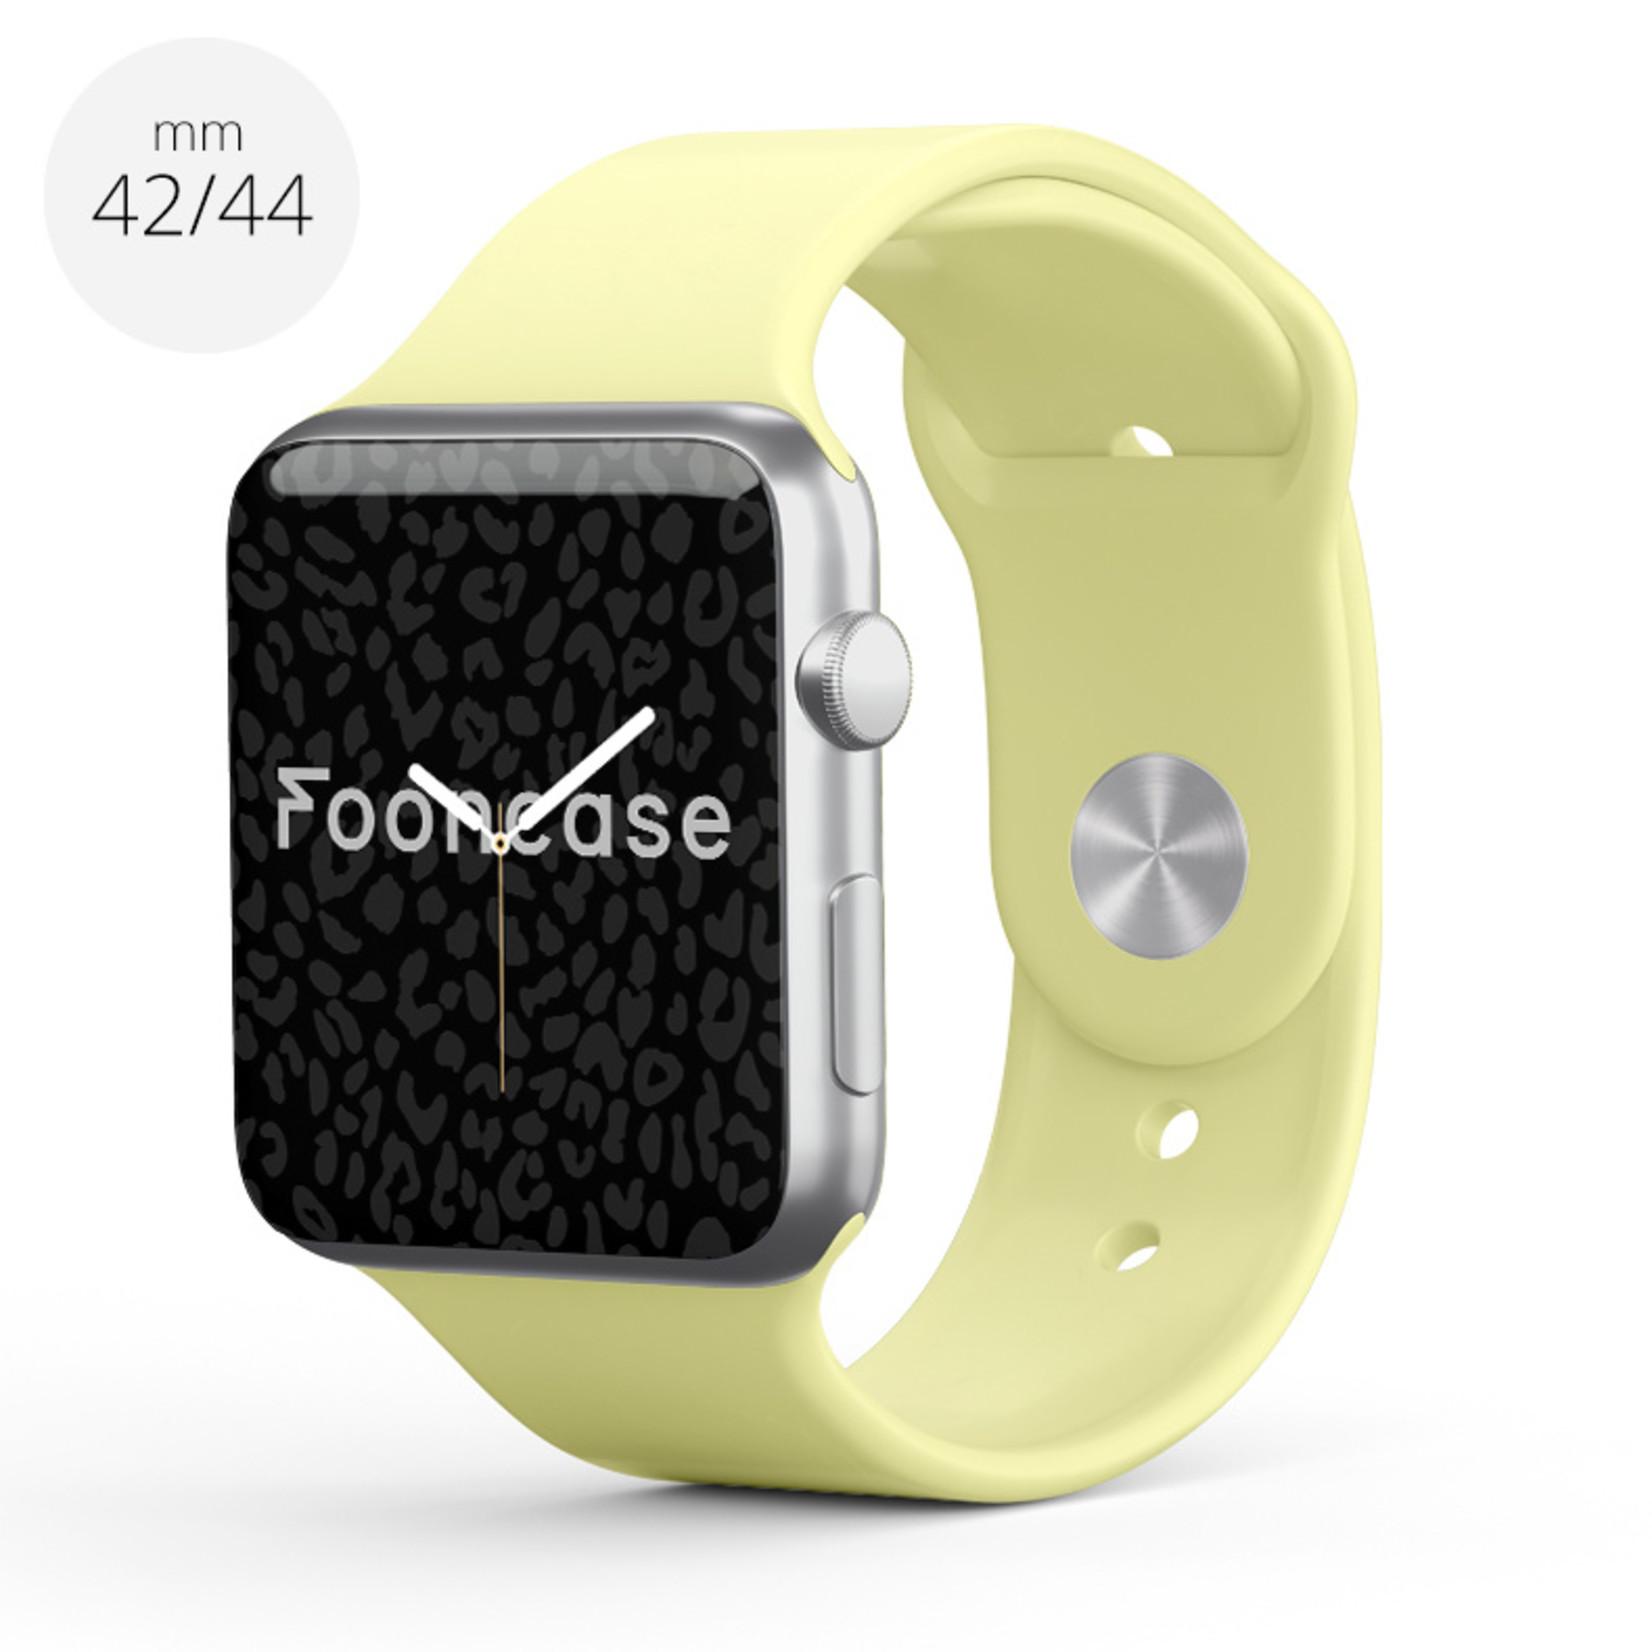 FOONCASE Apple Watch Series (1 t/m 6 / SE) - Lemonade - 42/44mm